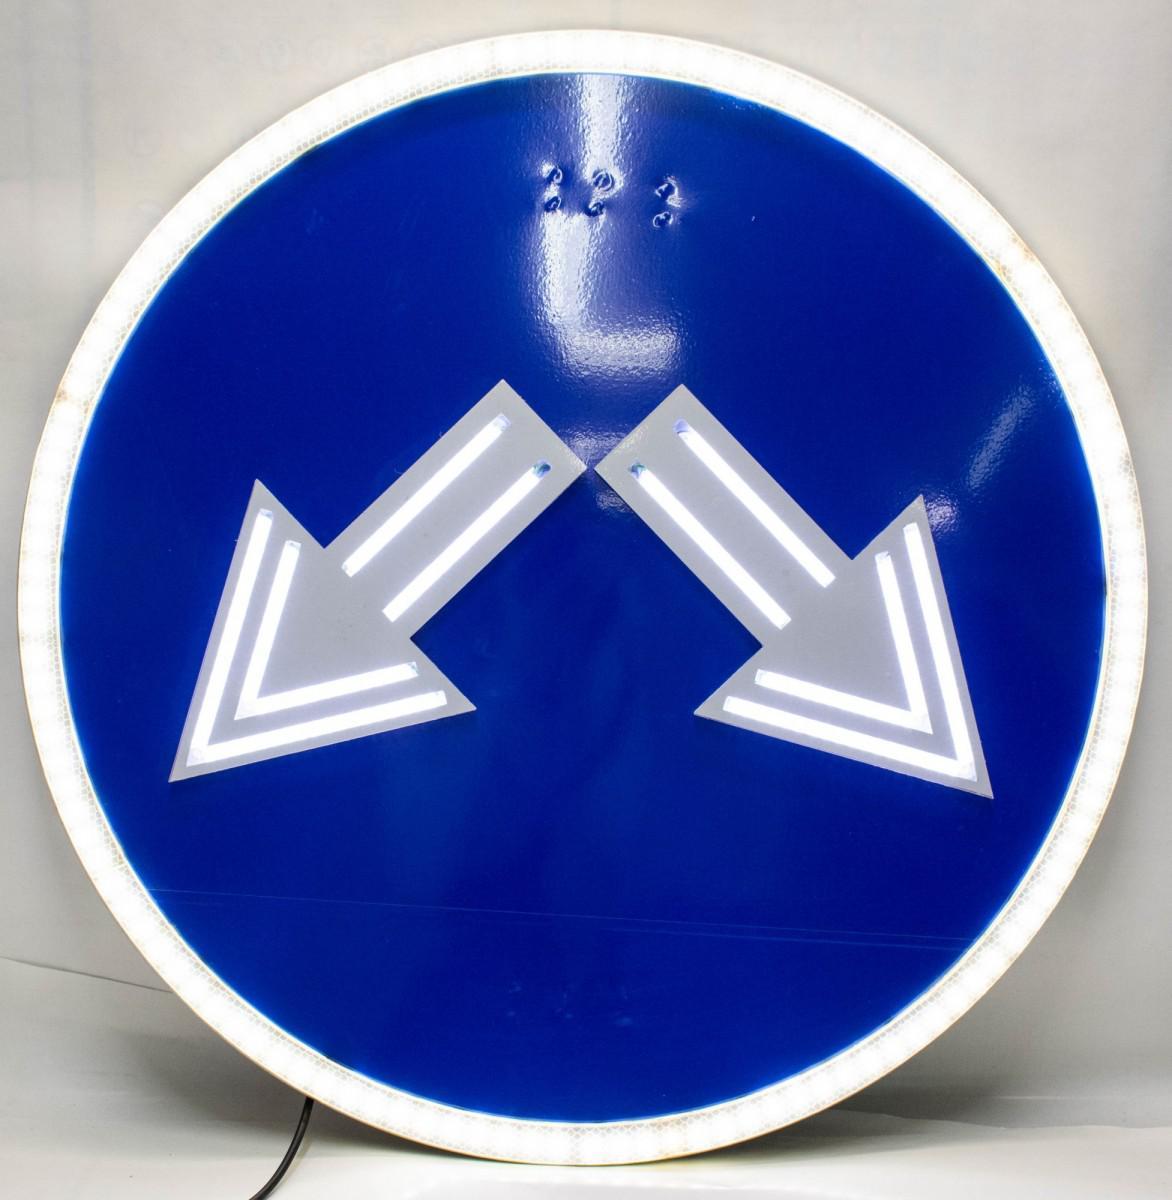 Знак светодиодный (4.2.3), 12В 900 мм, (без канта / с кантом)